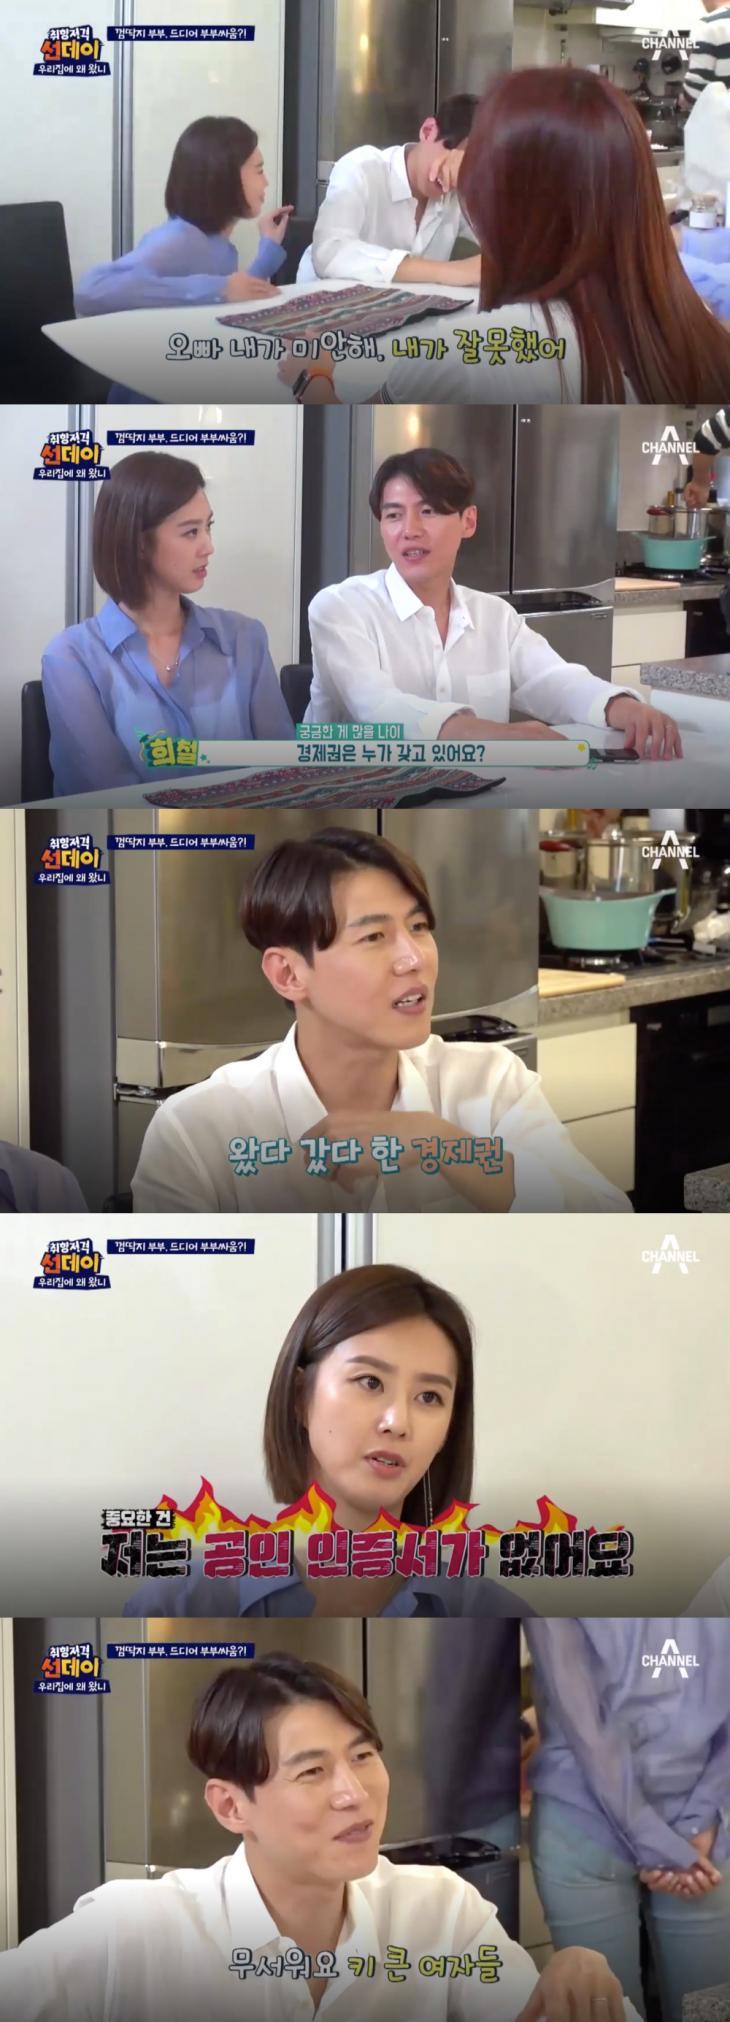 sky Drama, 채널A '취향저격 선데이-우리집에 왜왔니' 방송 캡처